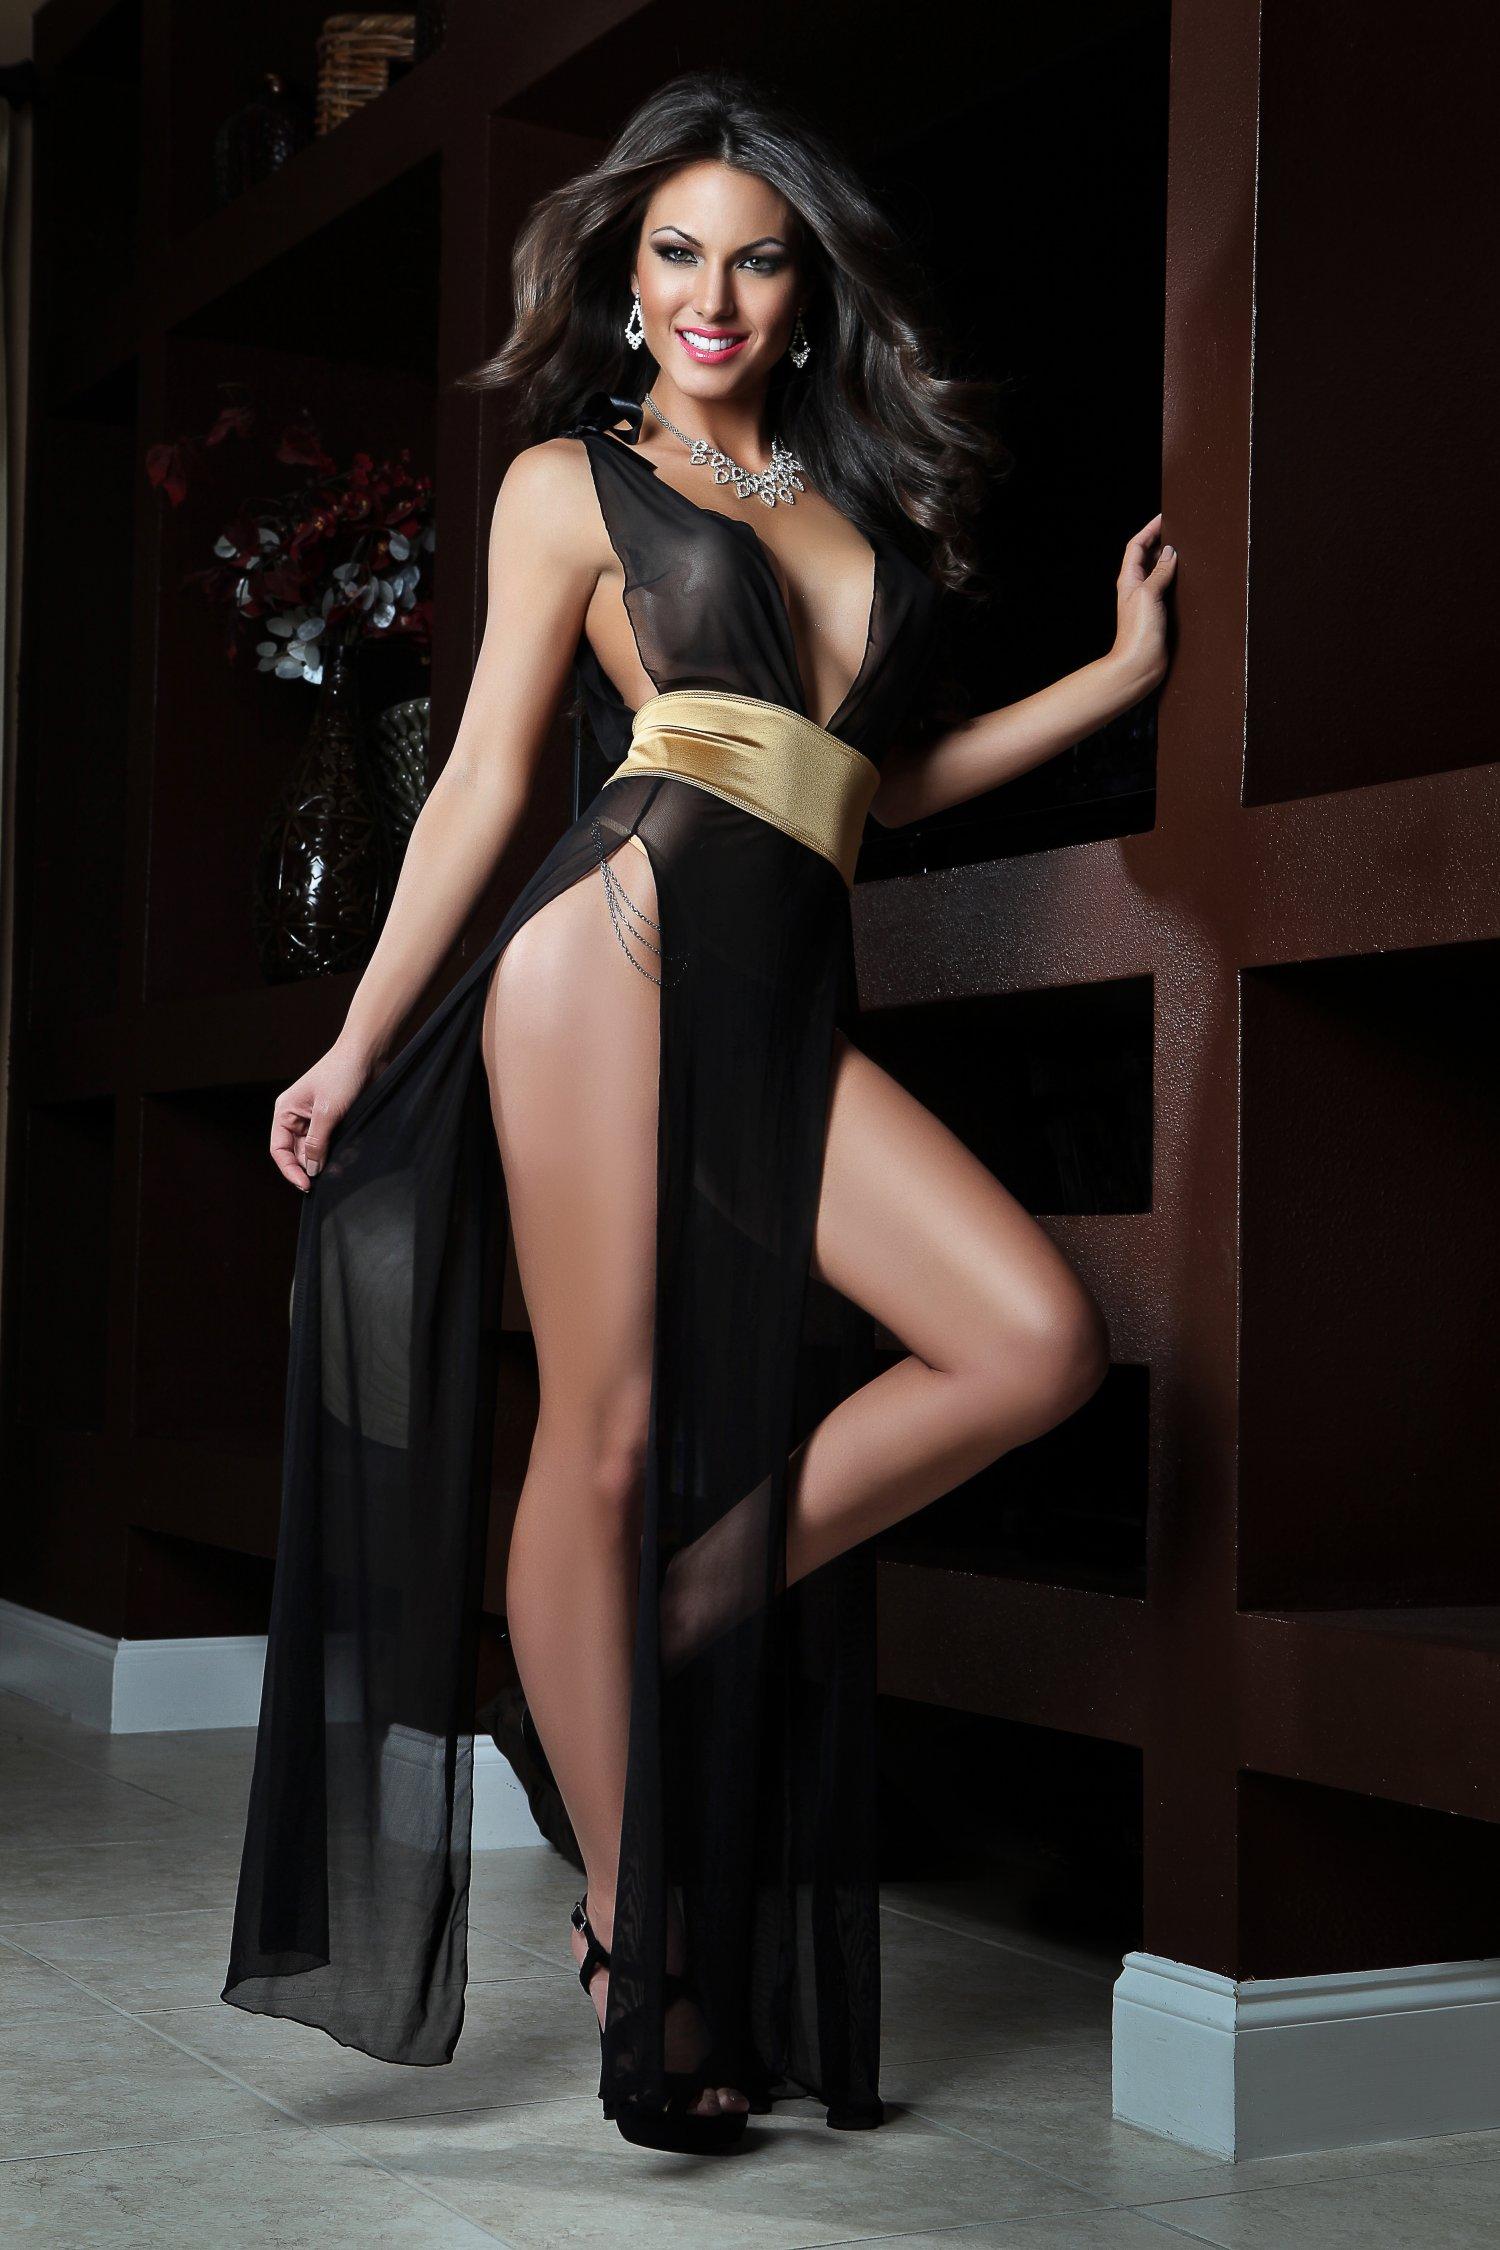 Фото жена в платье без белья 18 фотография